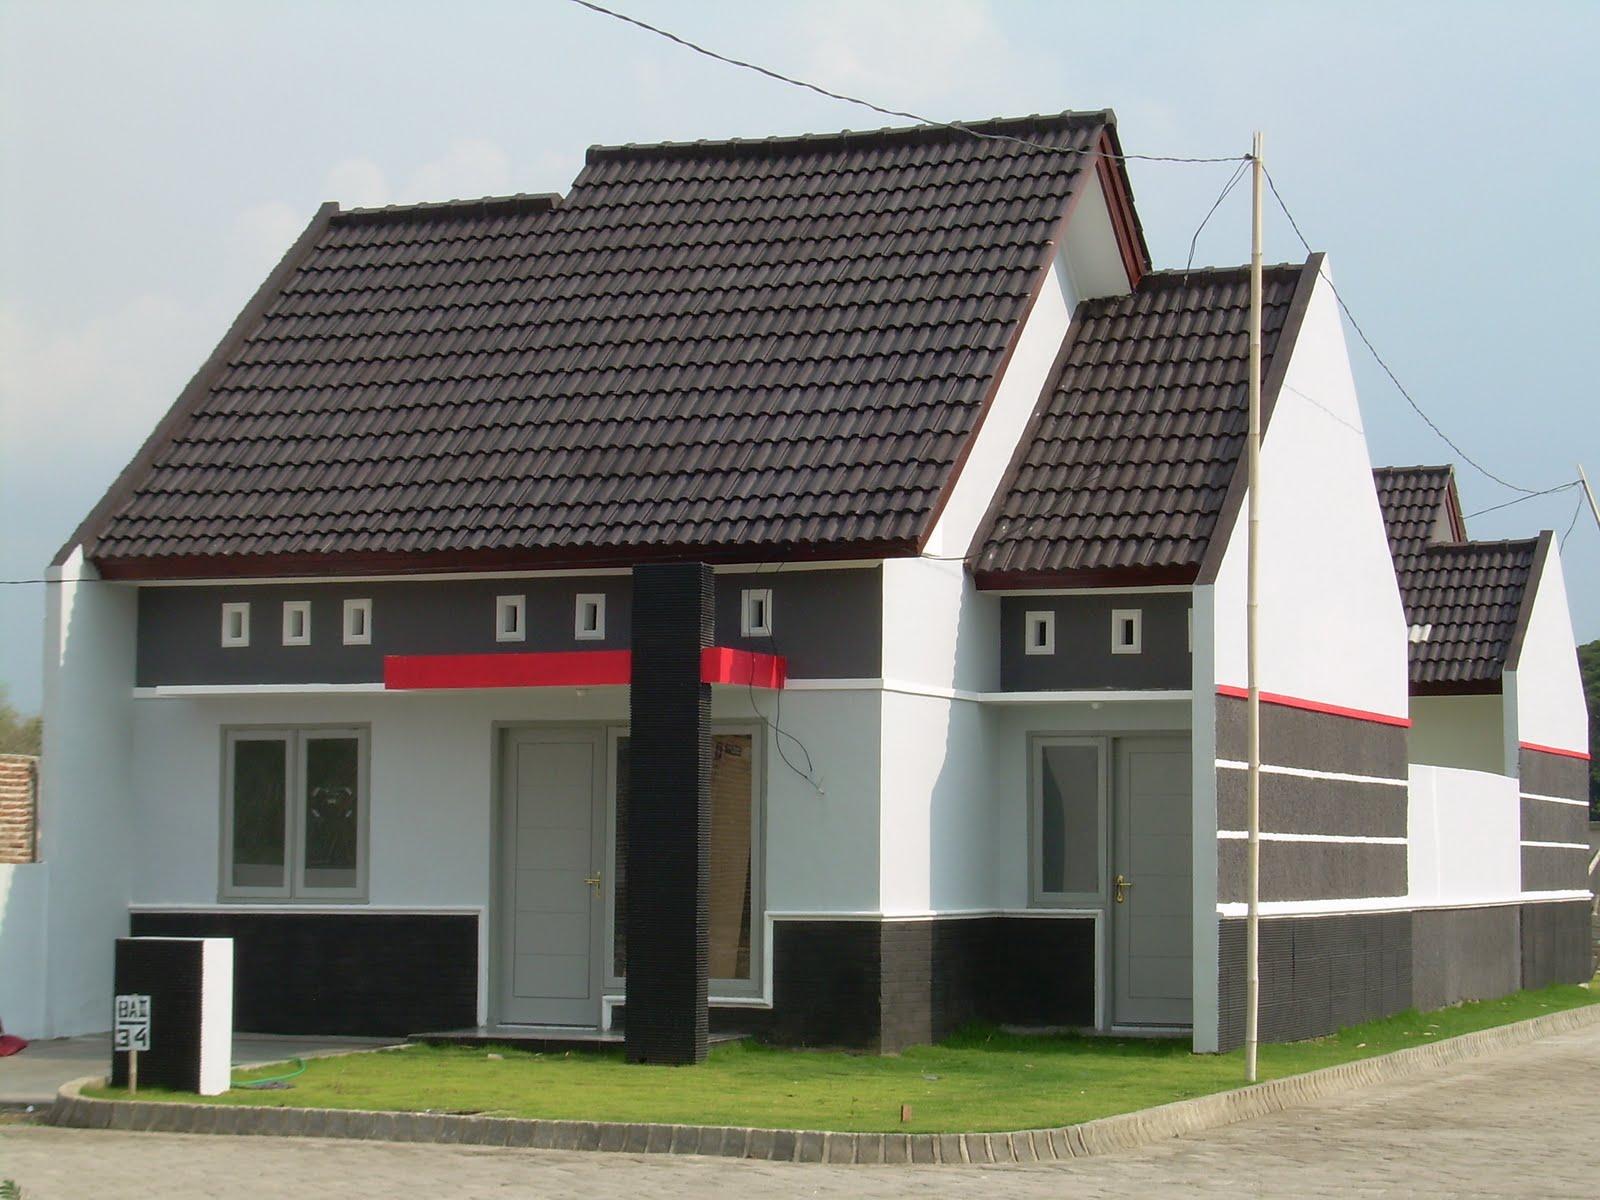 70 Desain Rumah Minimalis 2 Lantai Tampak Atas